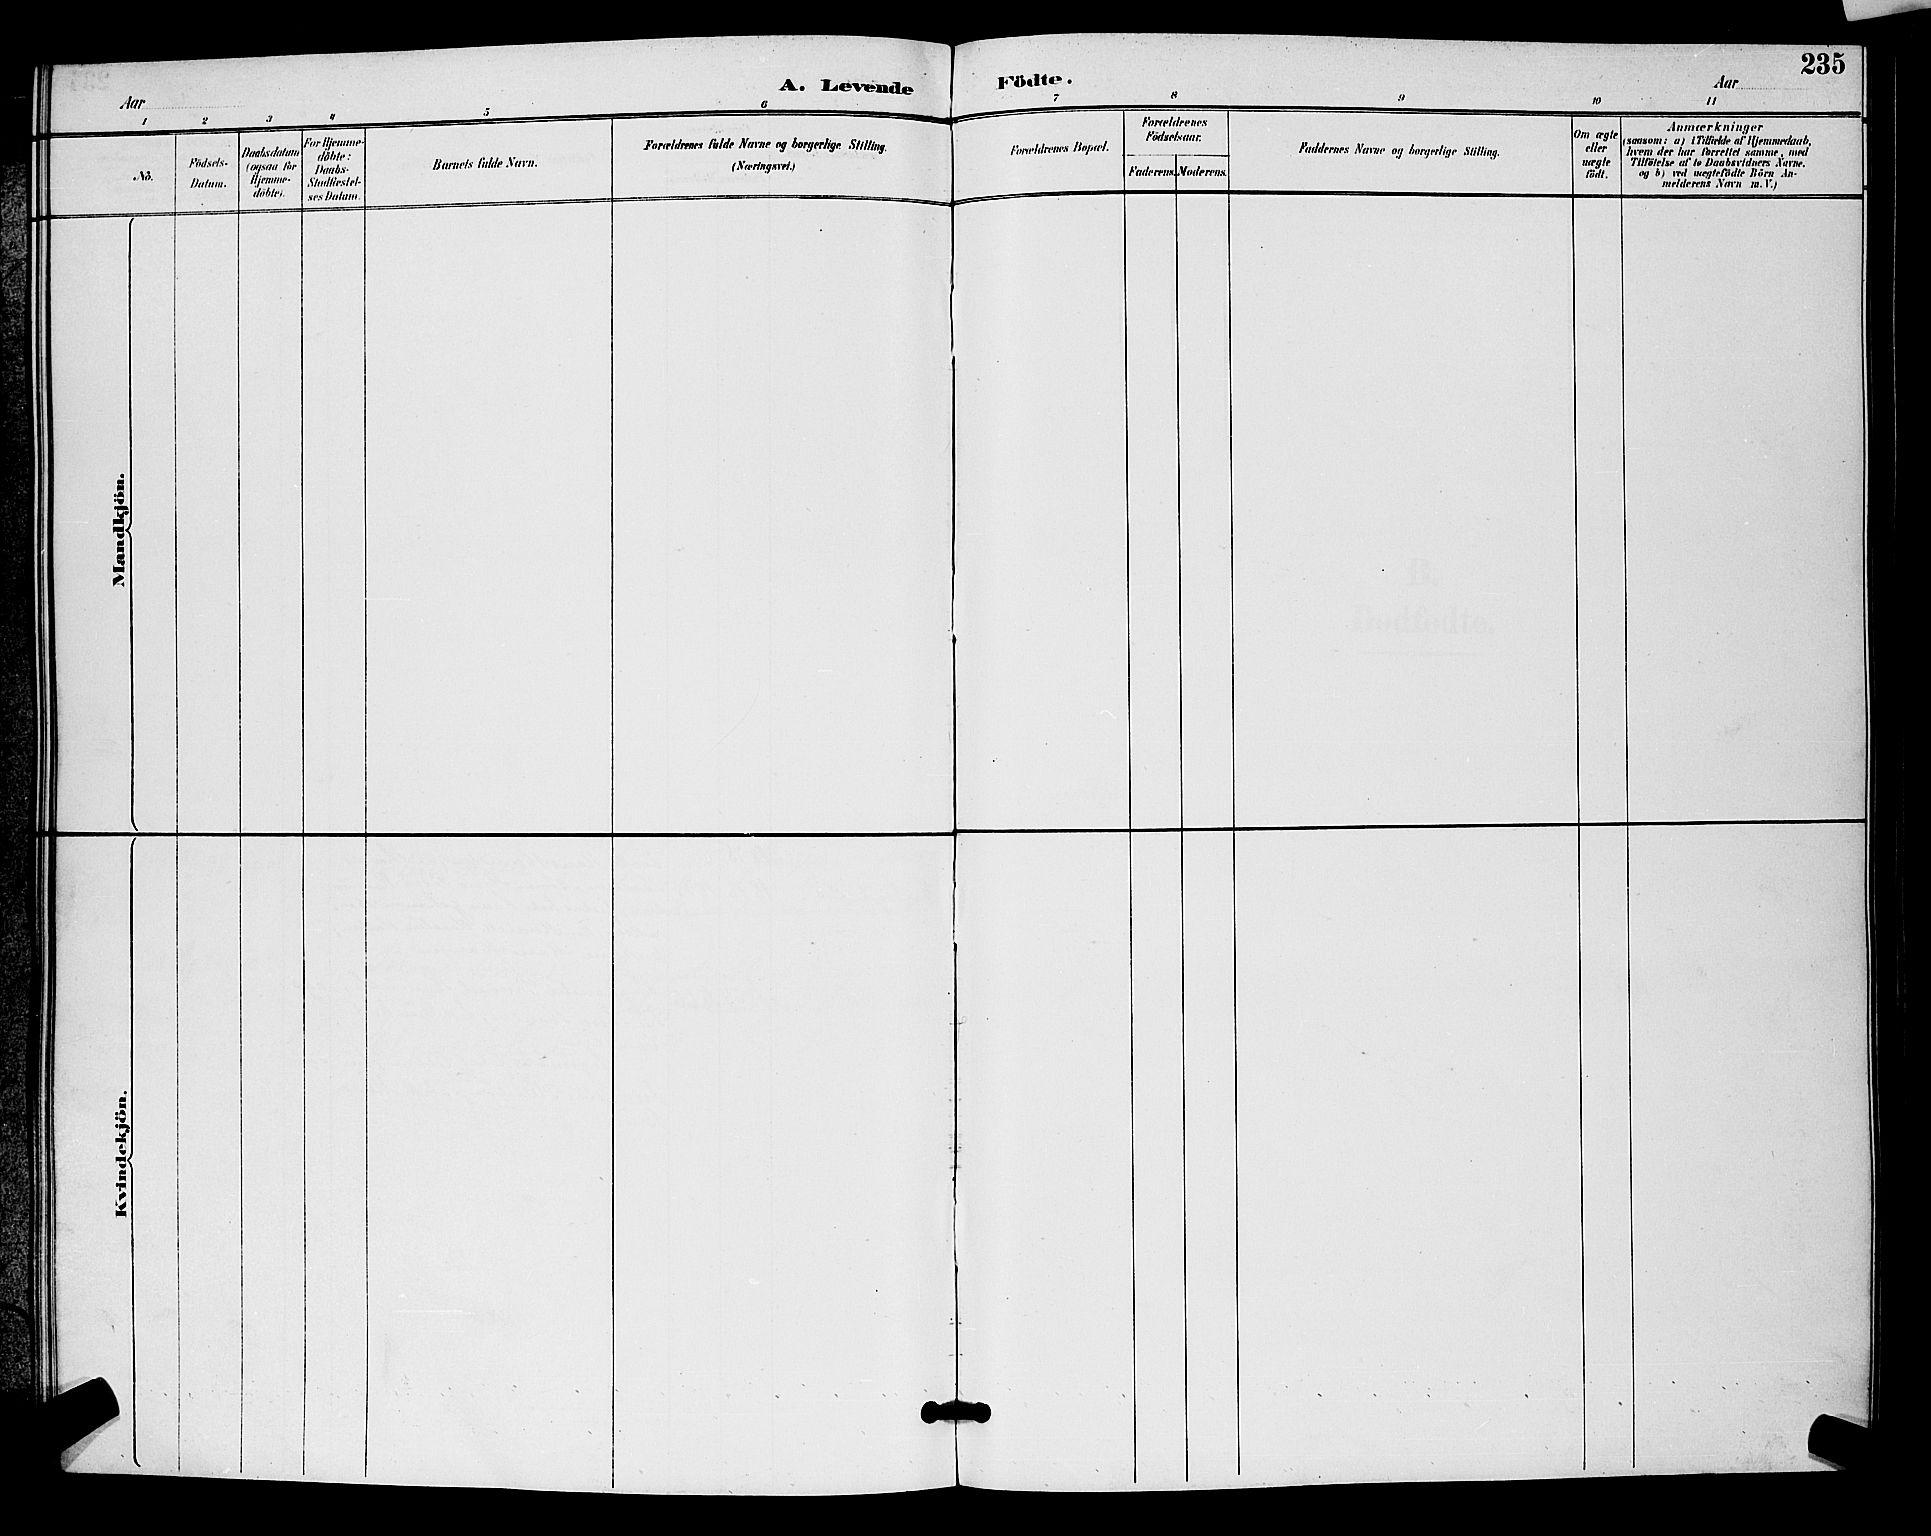 SAO, Moss prestekontor Kirkebøker, G/Ga/L0006: Klokkerbok nr. I 6, 1889-1900, s. 235